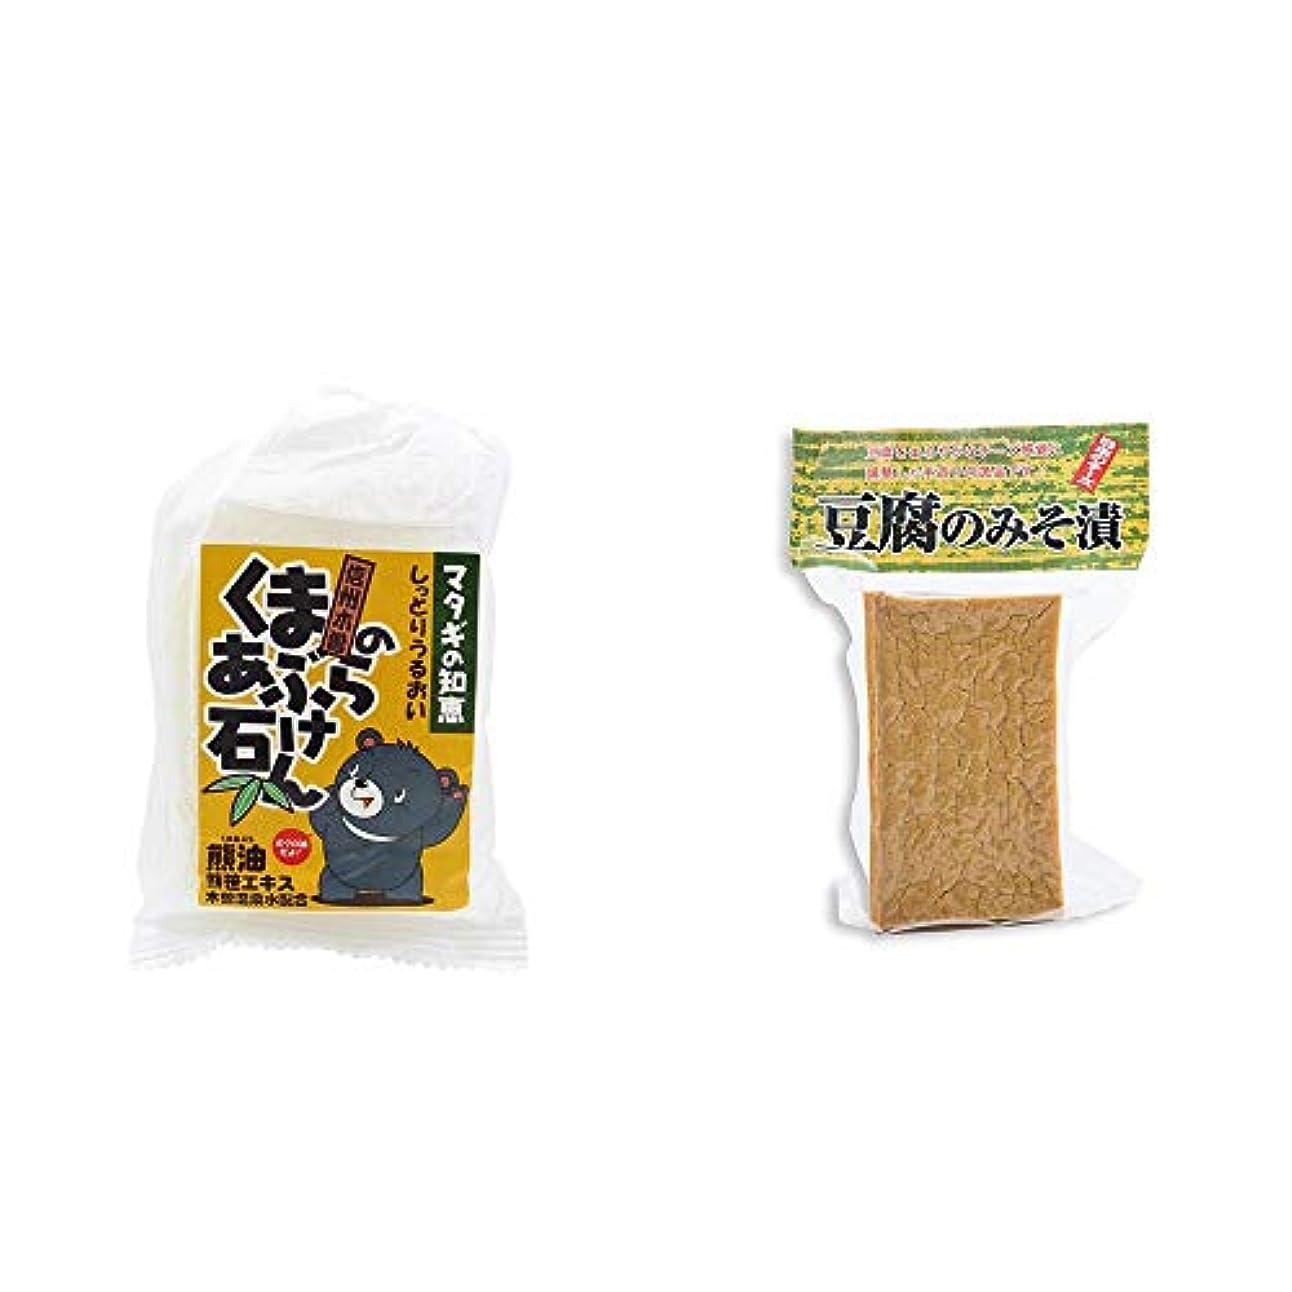 トライアスリート魅力退院[2点セット] 信州木曽 くまのあぶら石けん(80g)?日本のチーズ 豆腐のみそ漬(1個入)